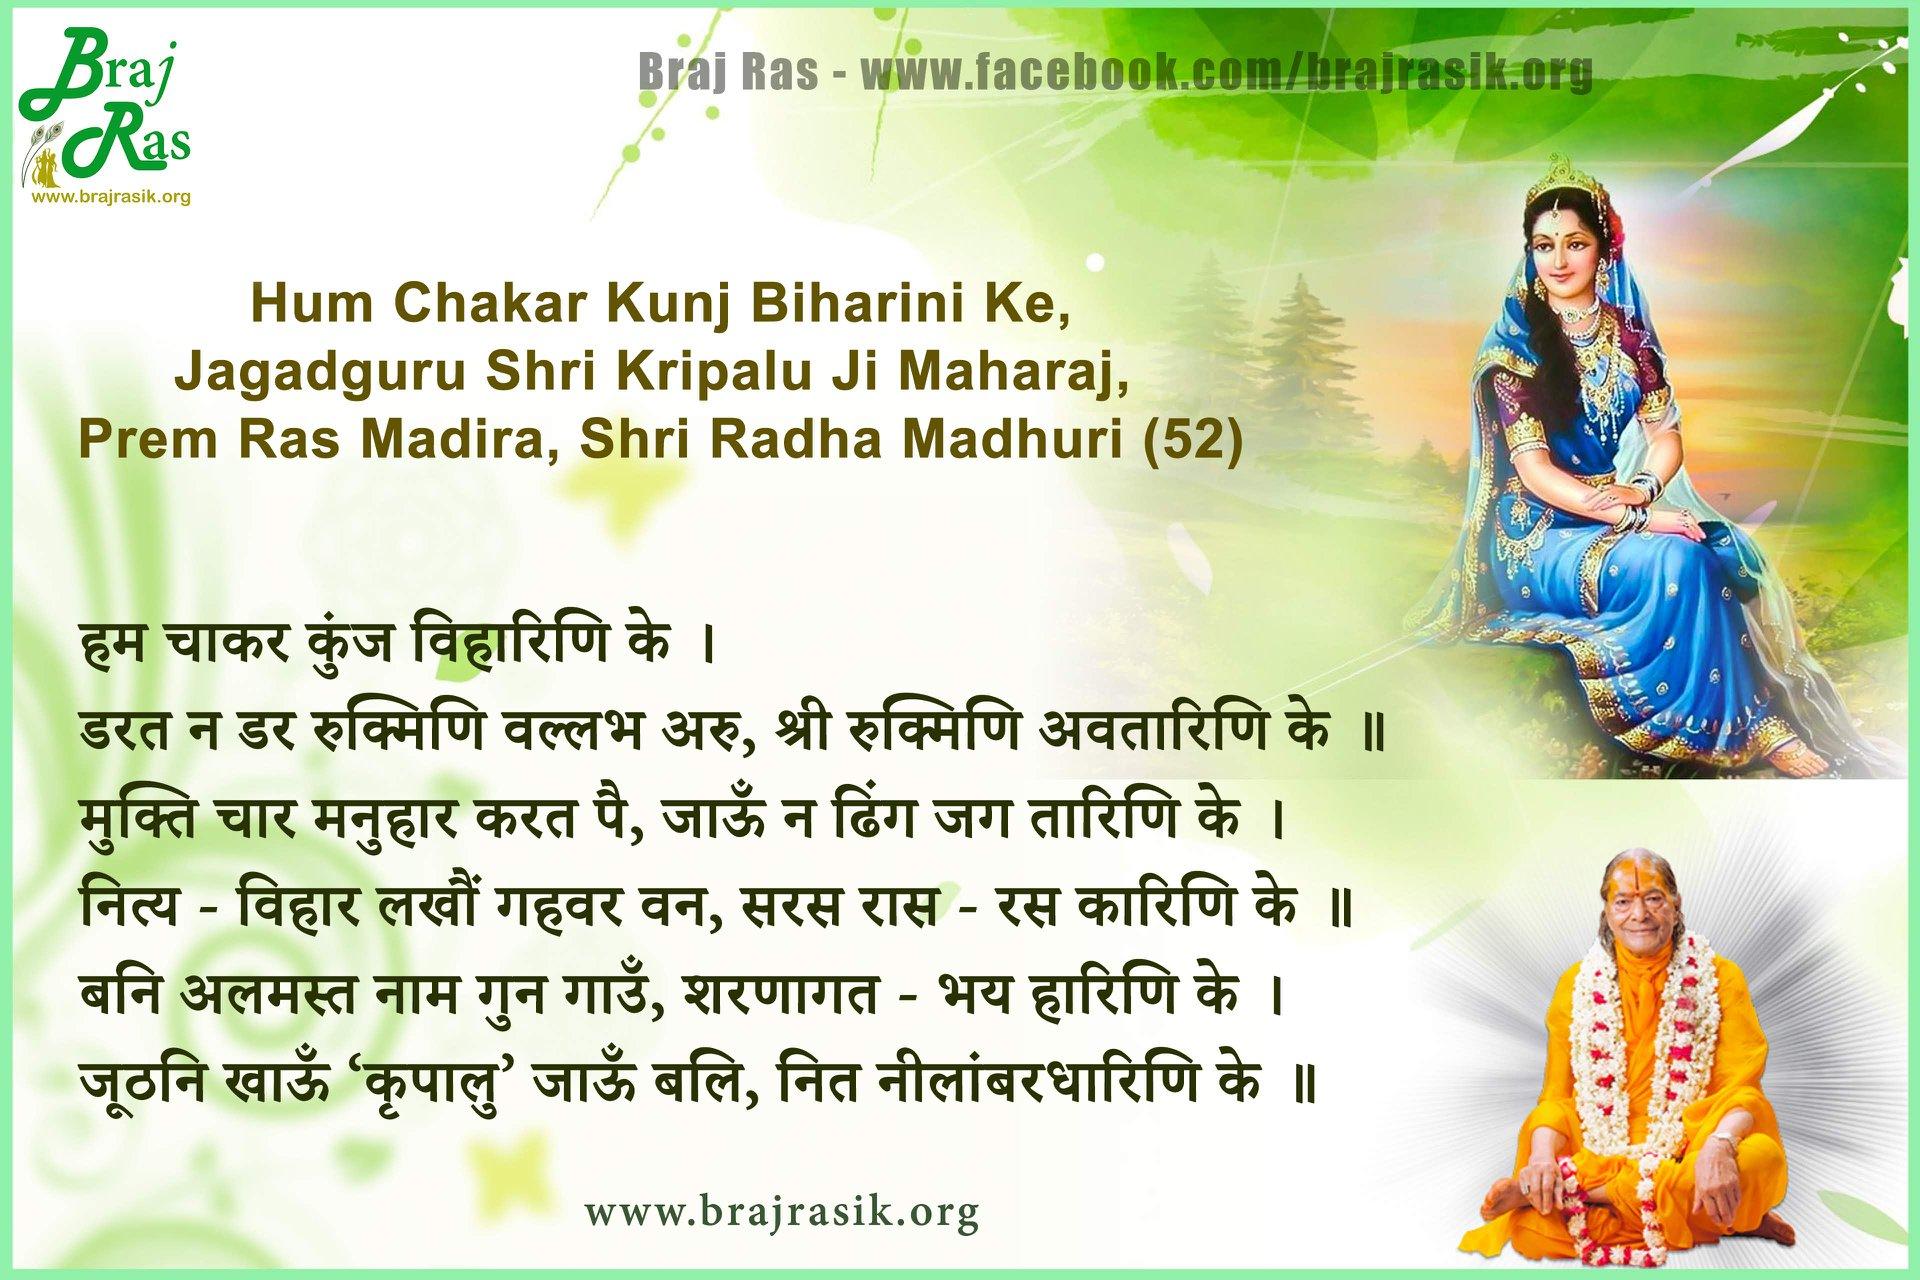 Hama Chakar Kunja Biharini Ke - Jagadguru Shri Kripaluji Maharaj, Prem Ras Madira, Shri Radha Madhuri (52)